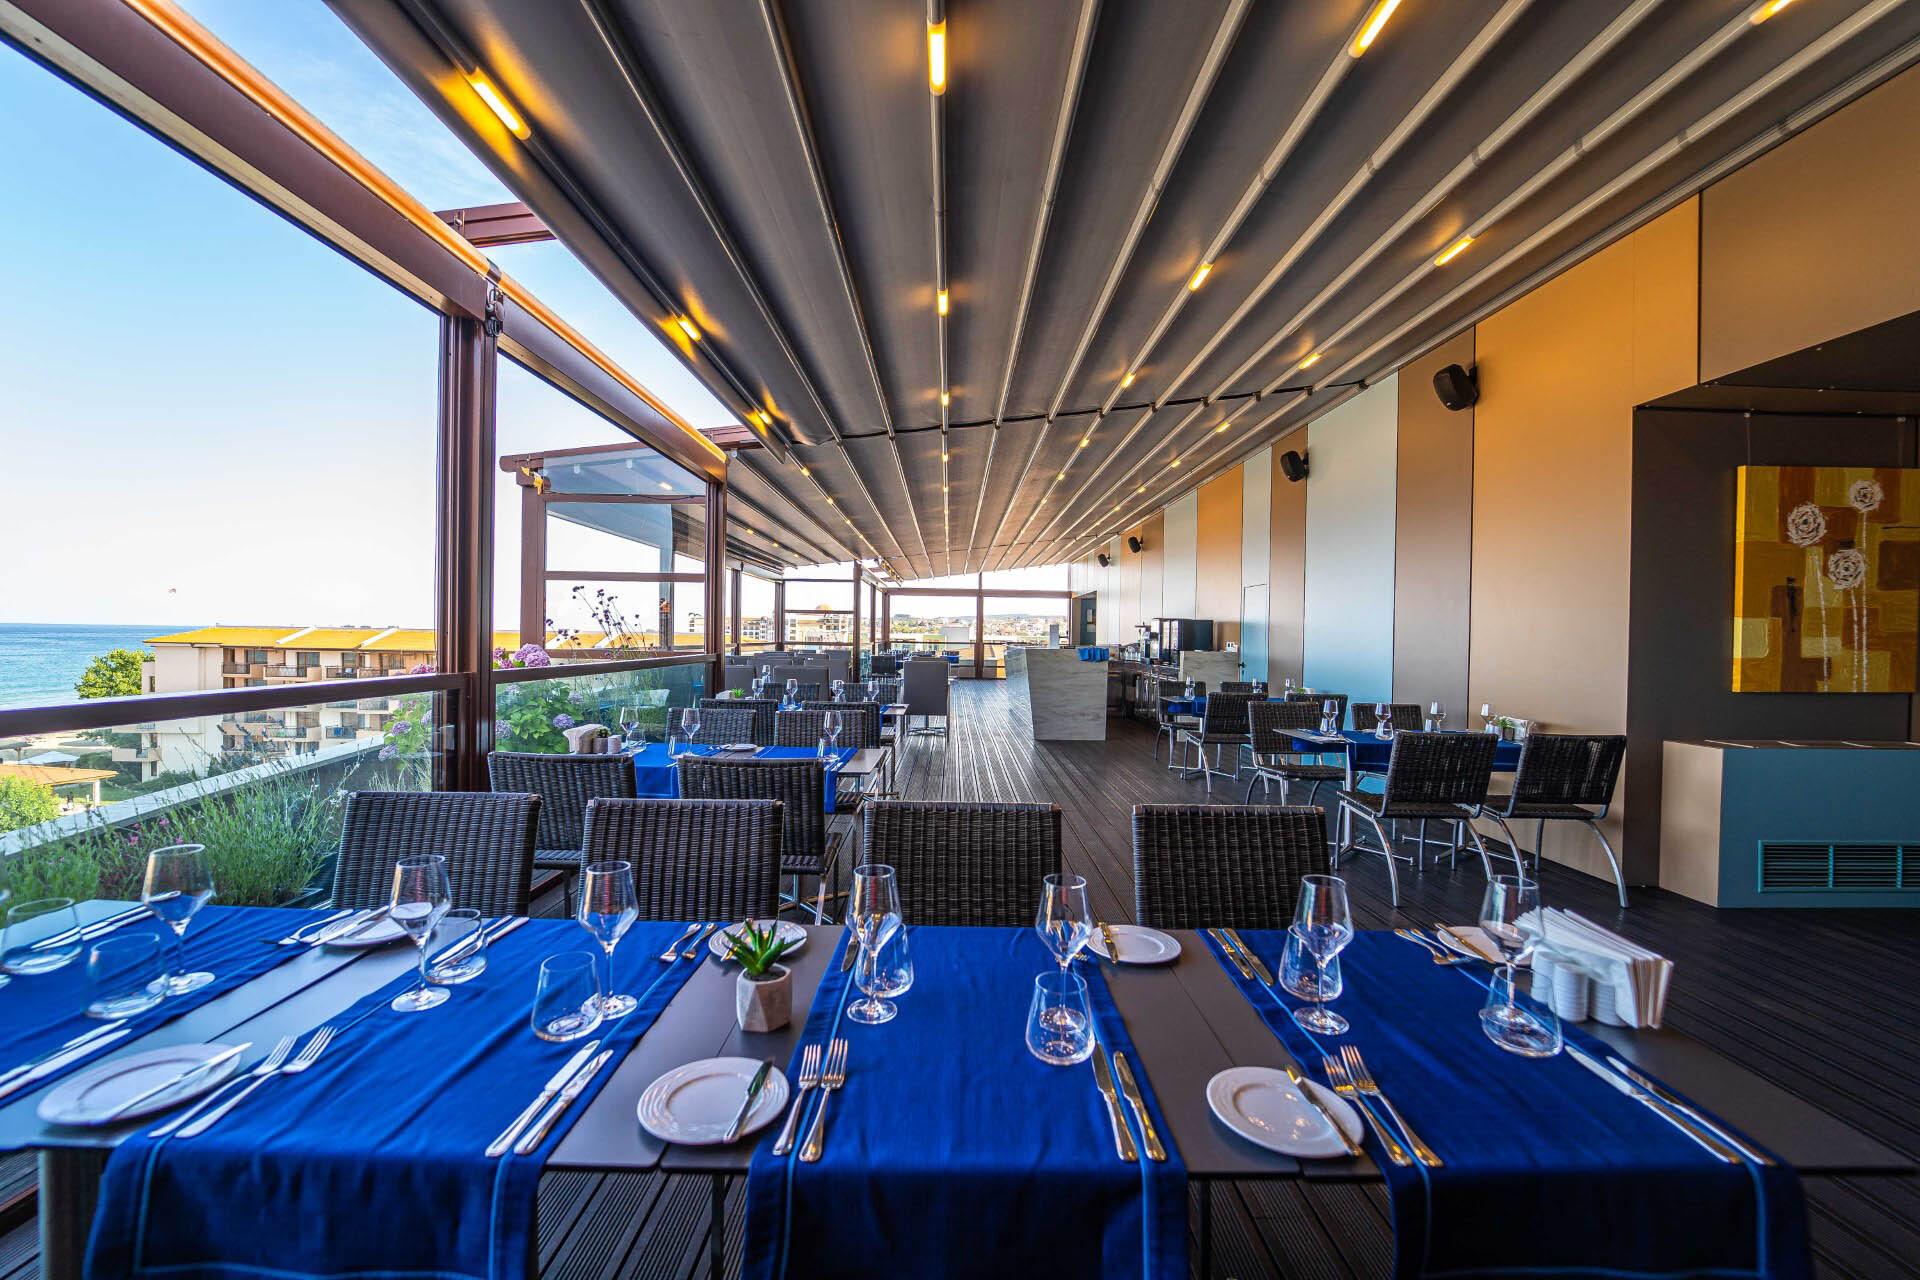 Хотел Мирамар 4* - a la cart ресторант The Blu